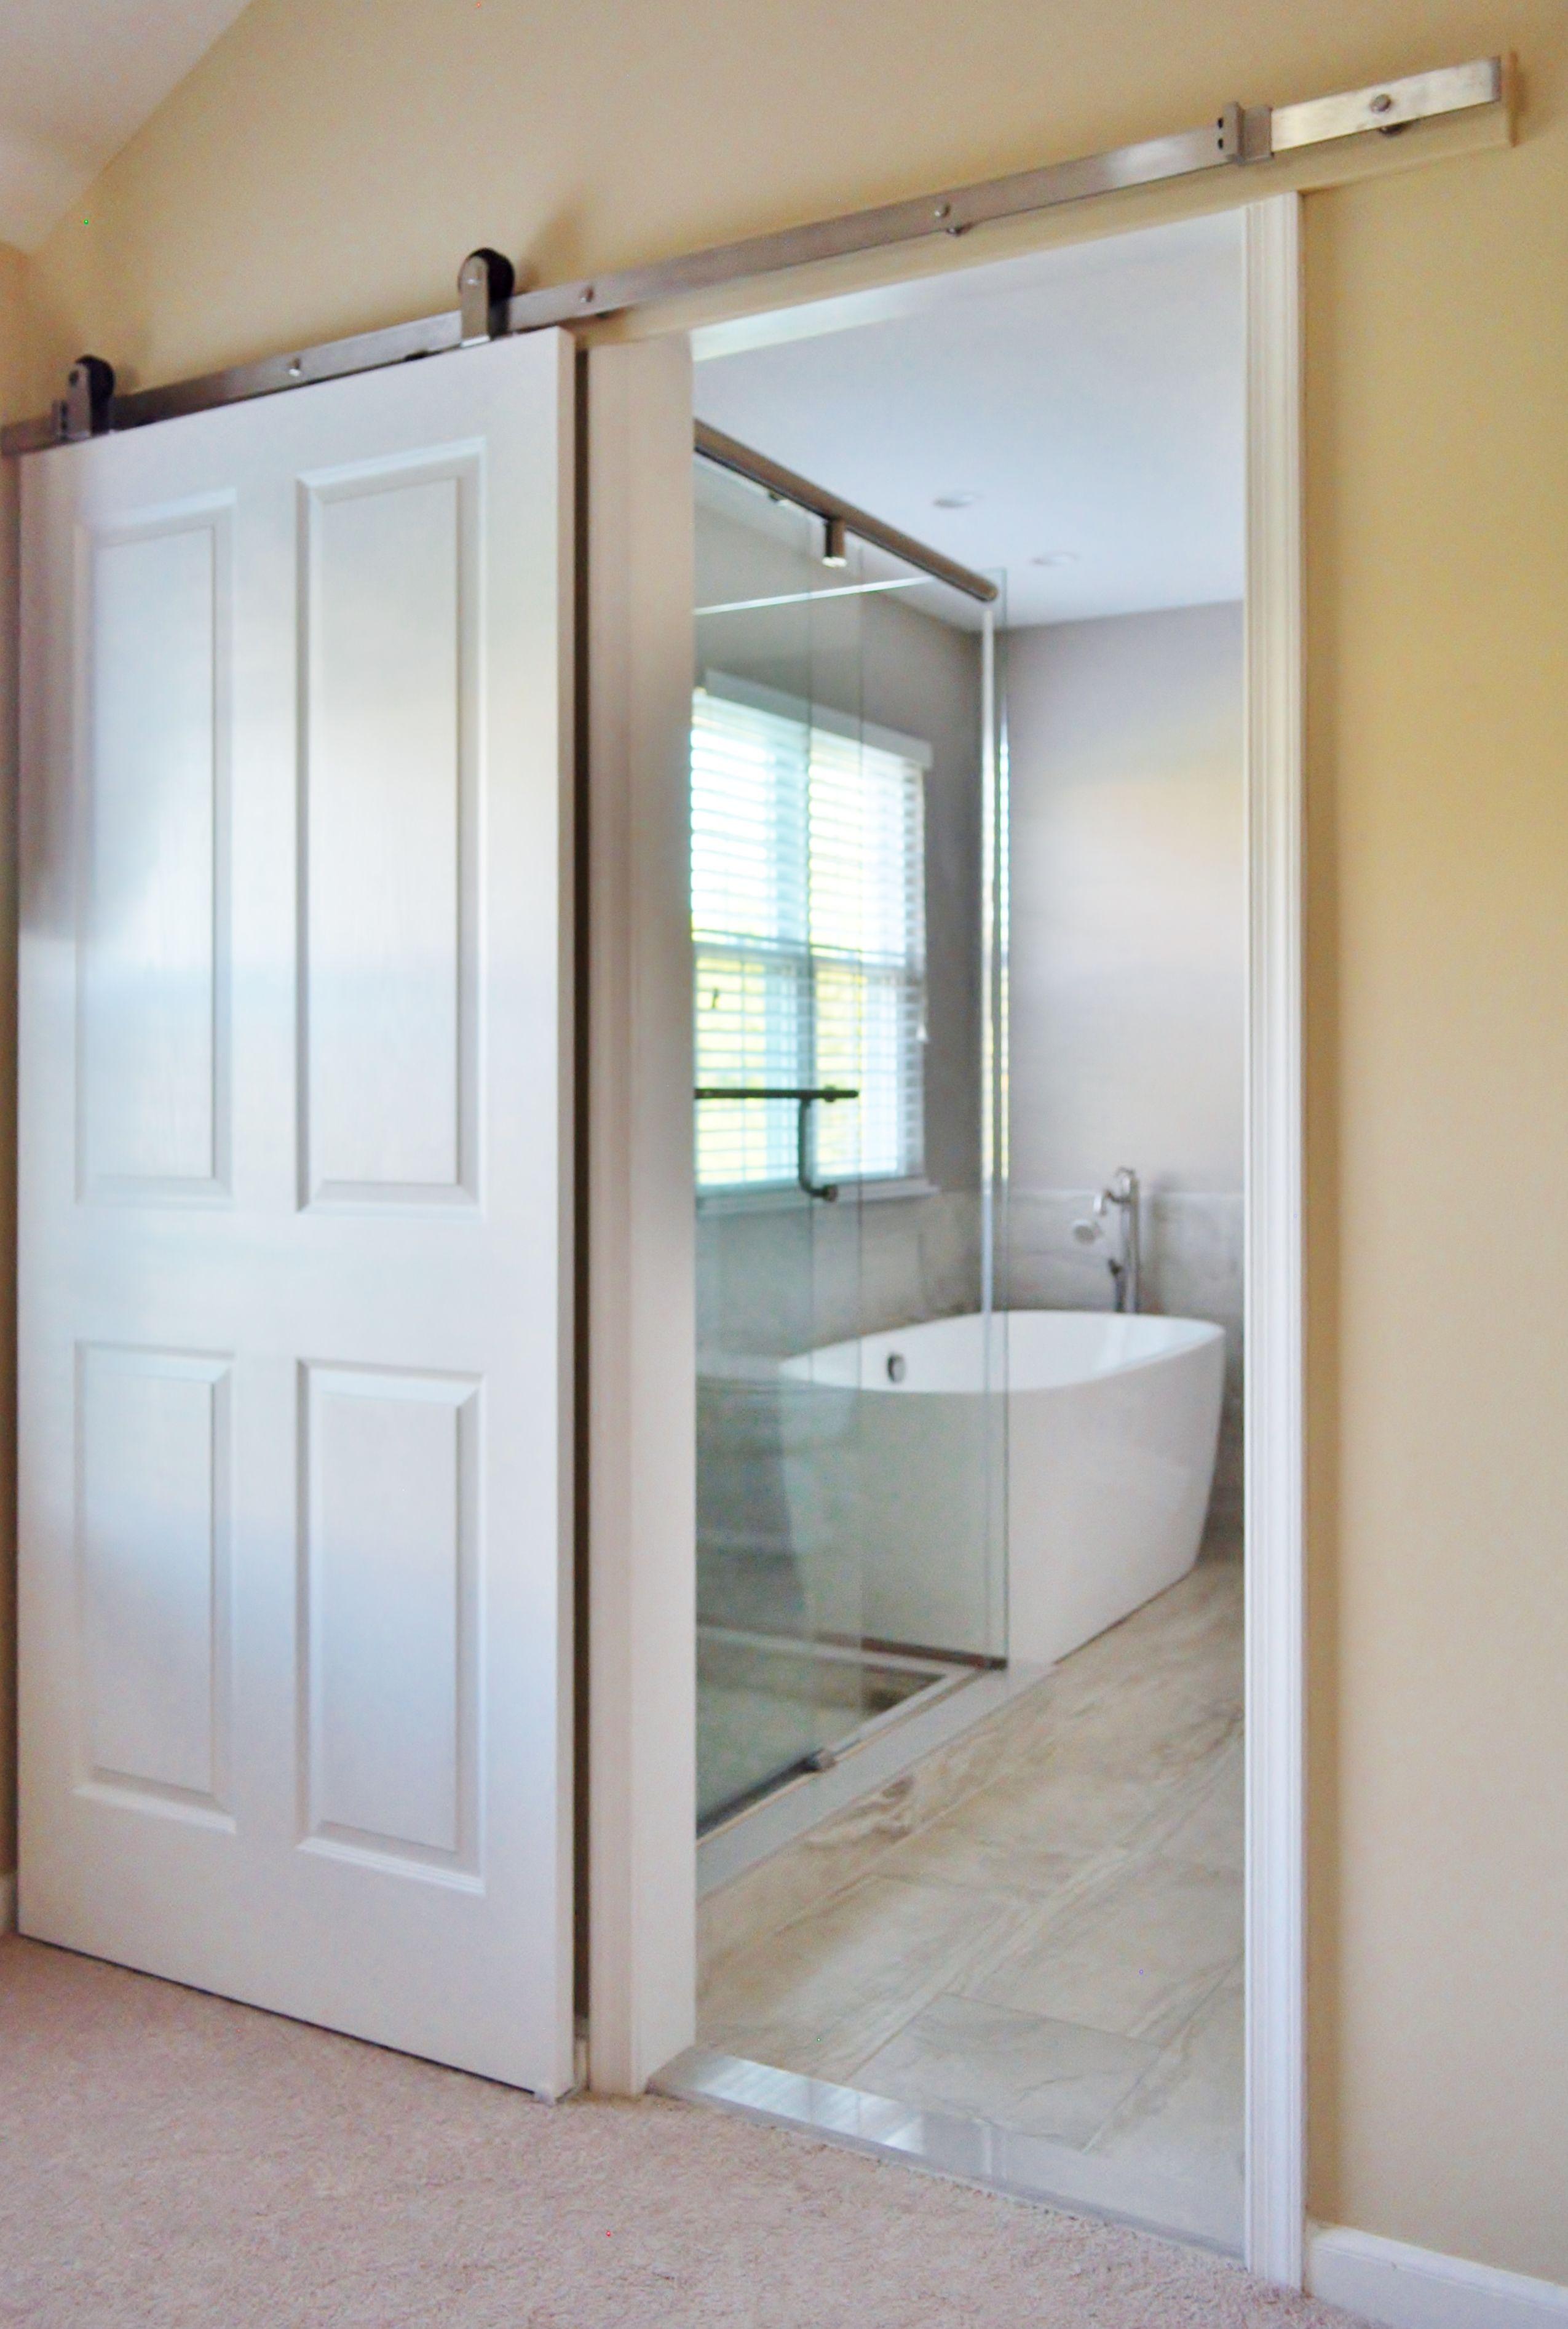 Sliding Barn Door Brushed Nickel Hardware Barn Door Barn Door Window Bathroom Retreat